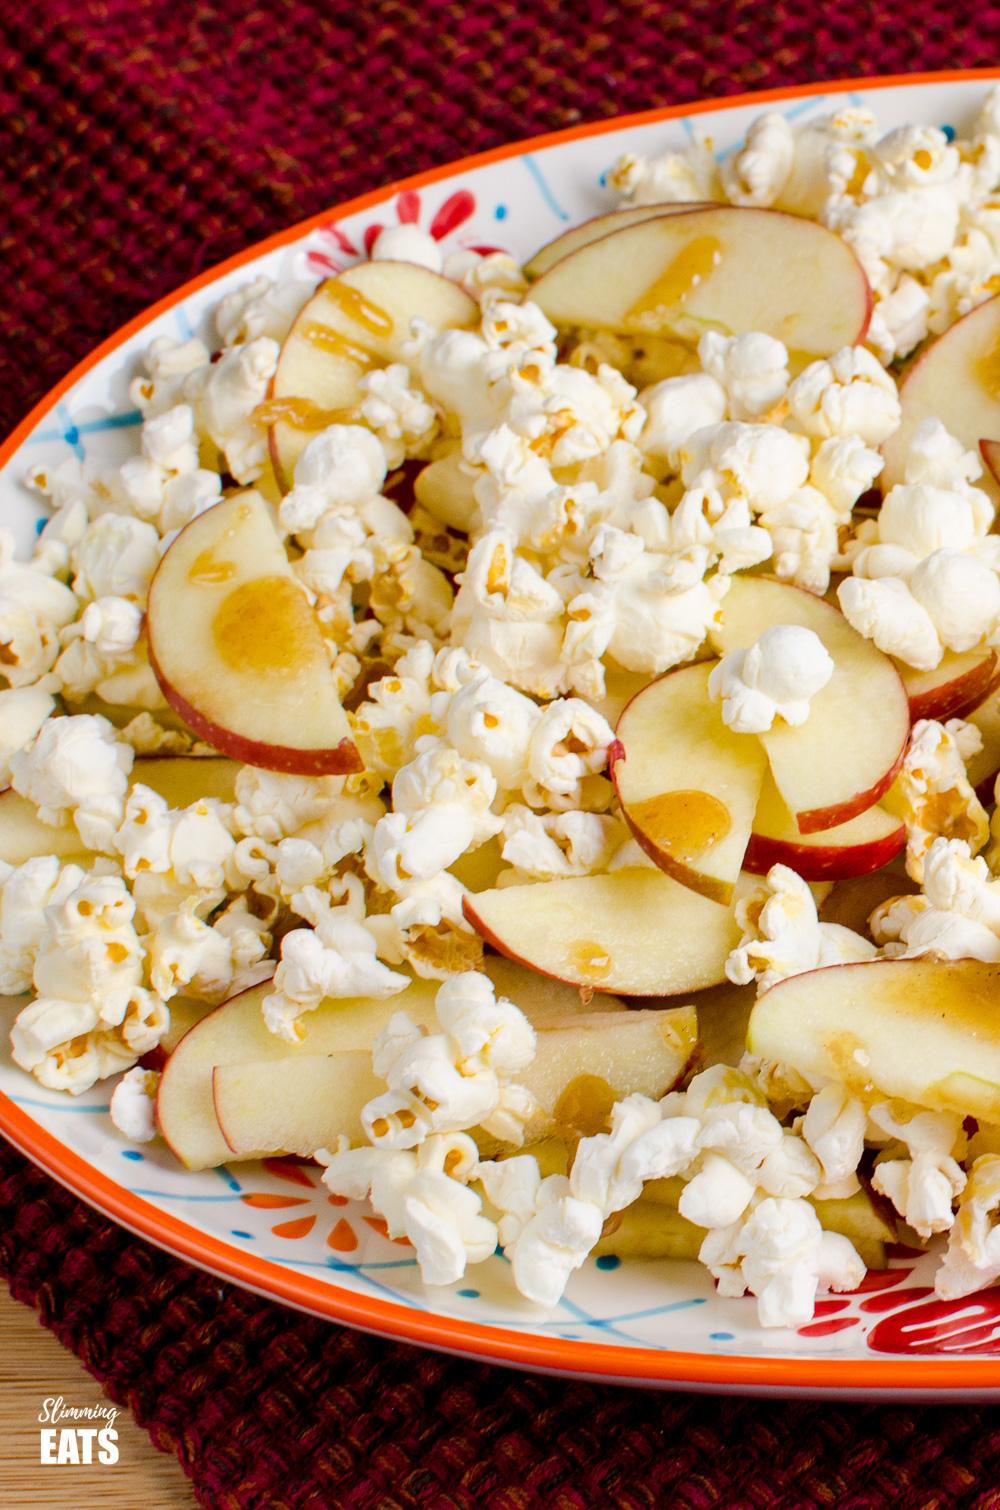 close up of caramel apple popcorn nachos on oval patterned plate